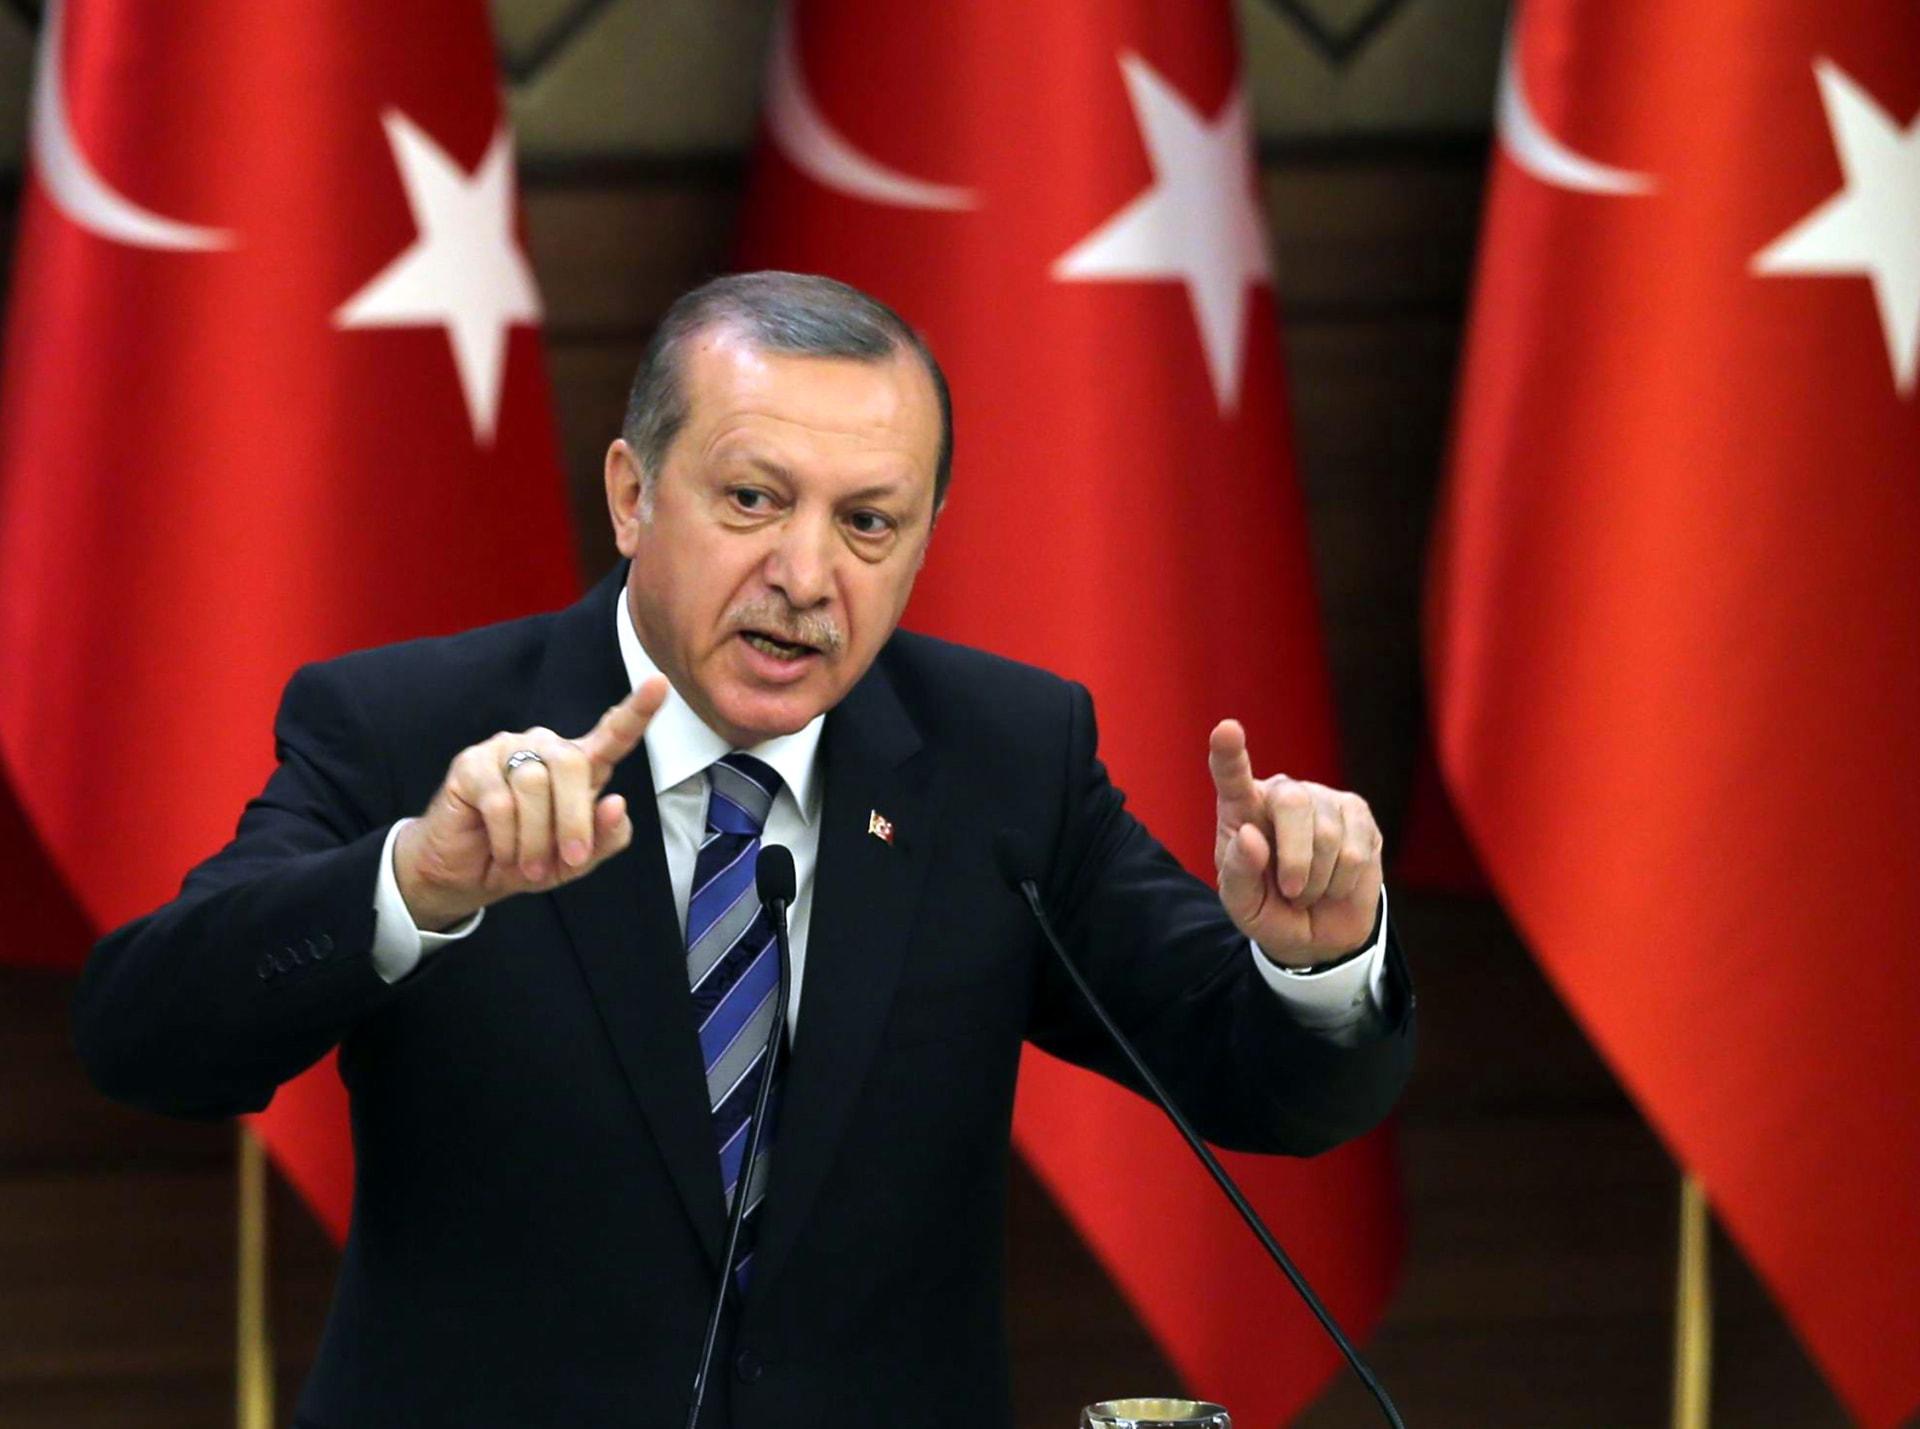 أردوغان يكتب لـCNN: قادة المسلمين في القمة ليسوا سنة وشيعة